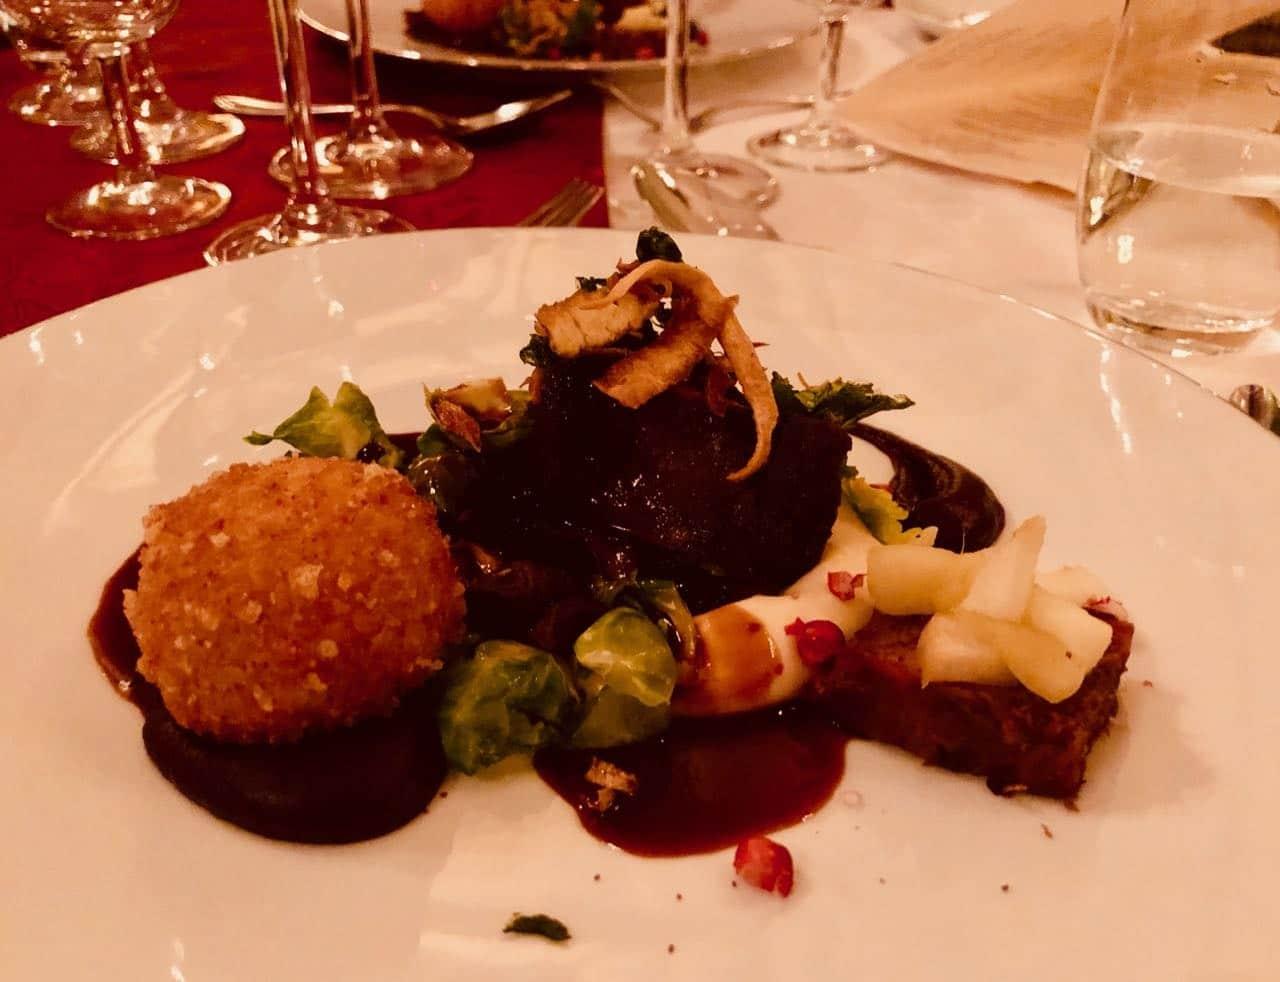 Thorskogs slott castle Christmas dinner